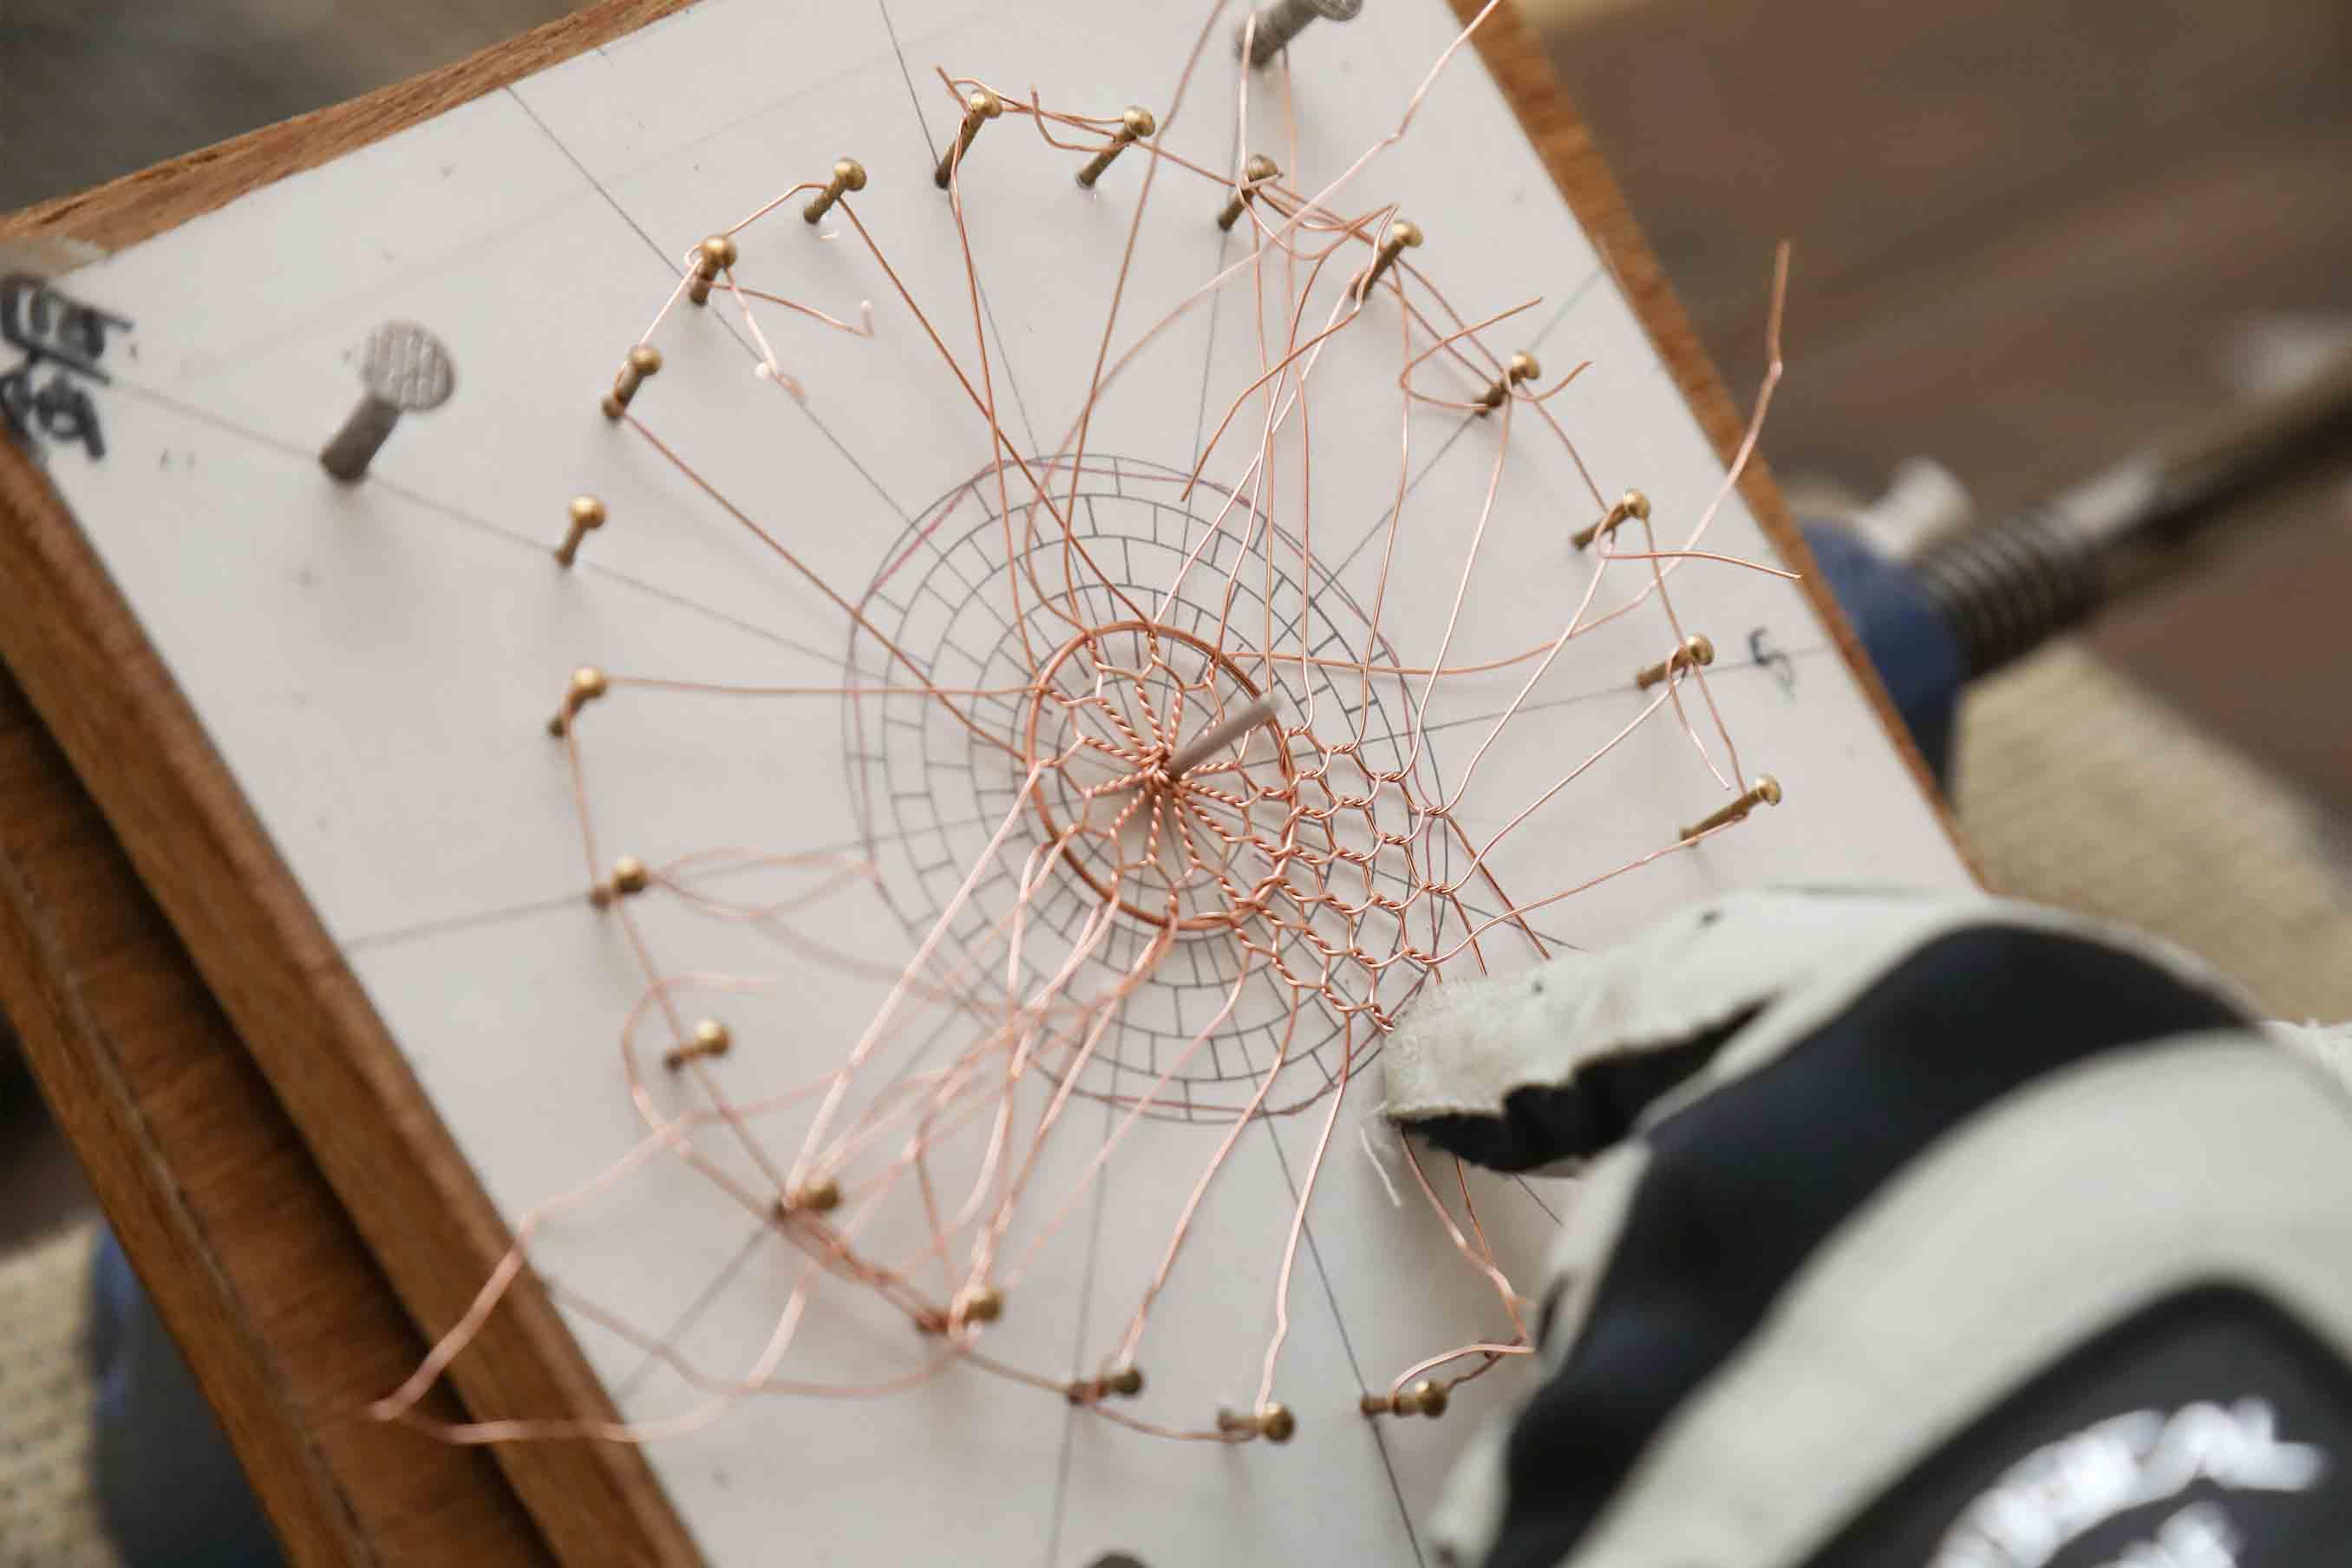 辻さんの金網づくりには図面があります。美しい京金網をうみだしています